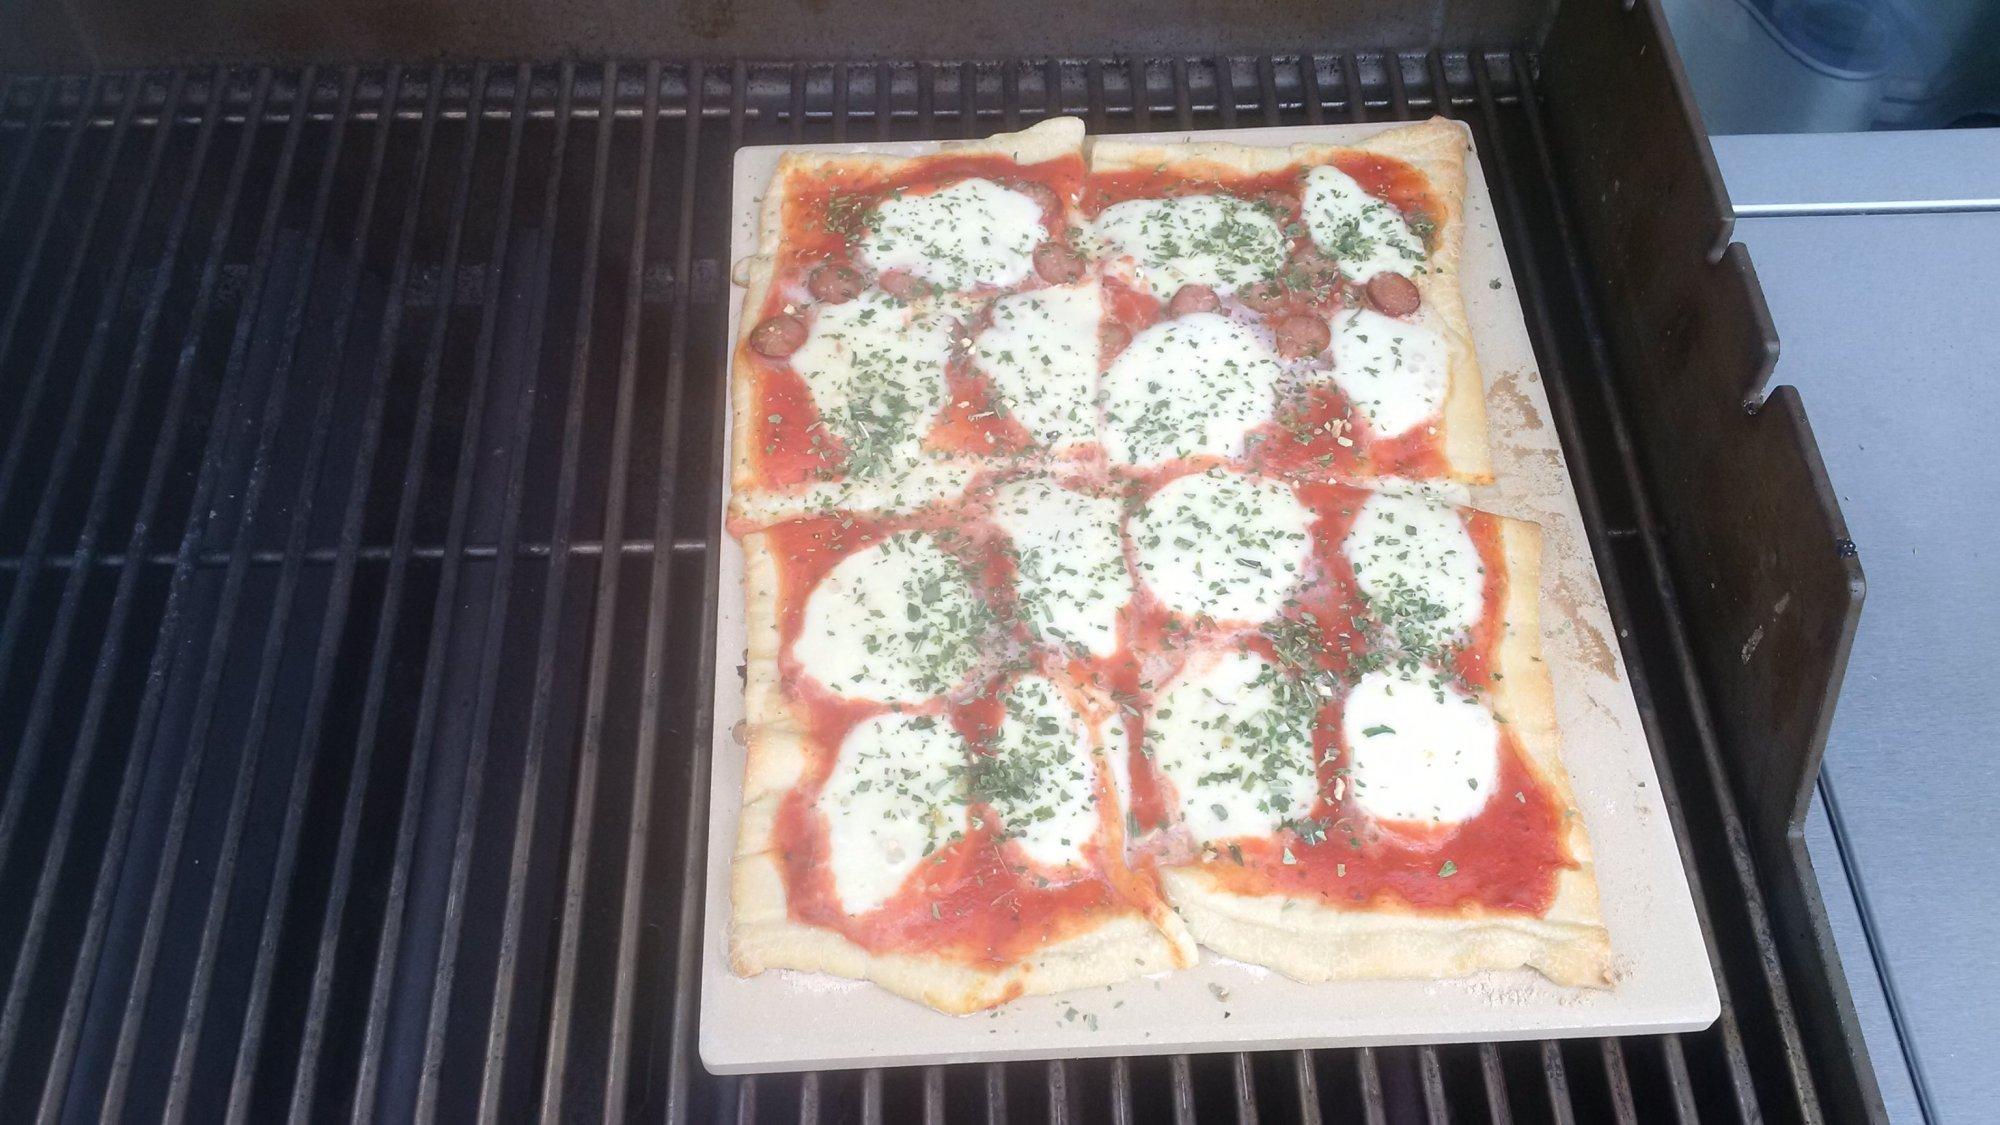 Pizzastein Für Gasgrill Landmann : Pizza ohne pizzastein check